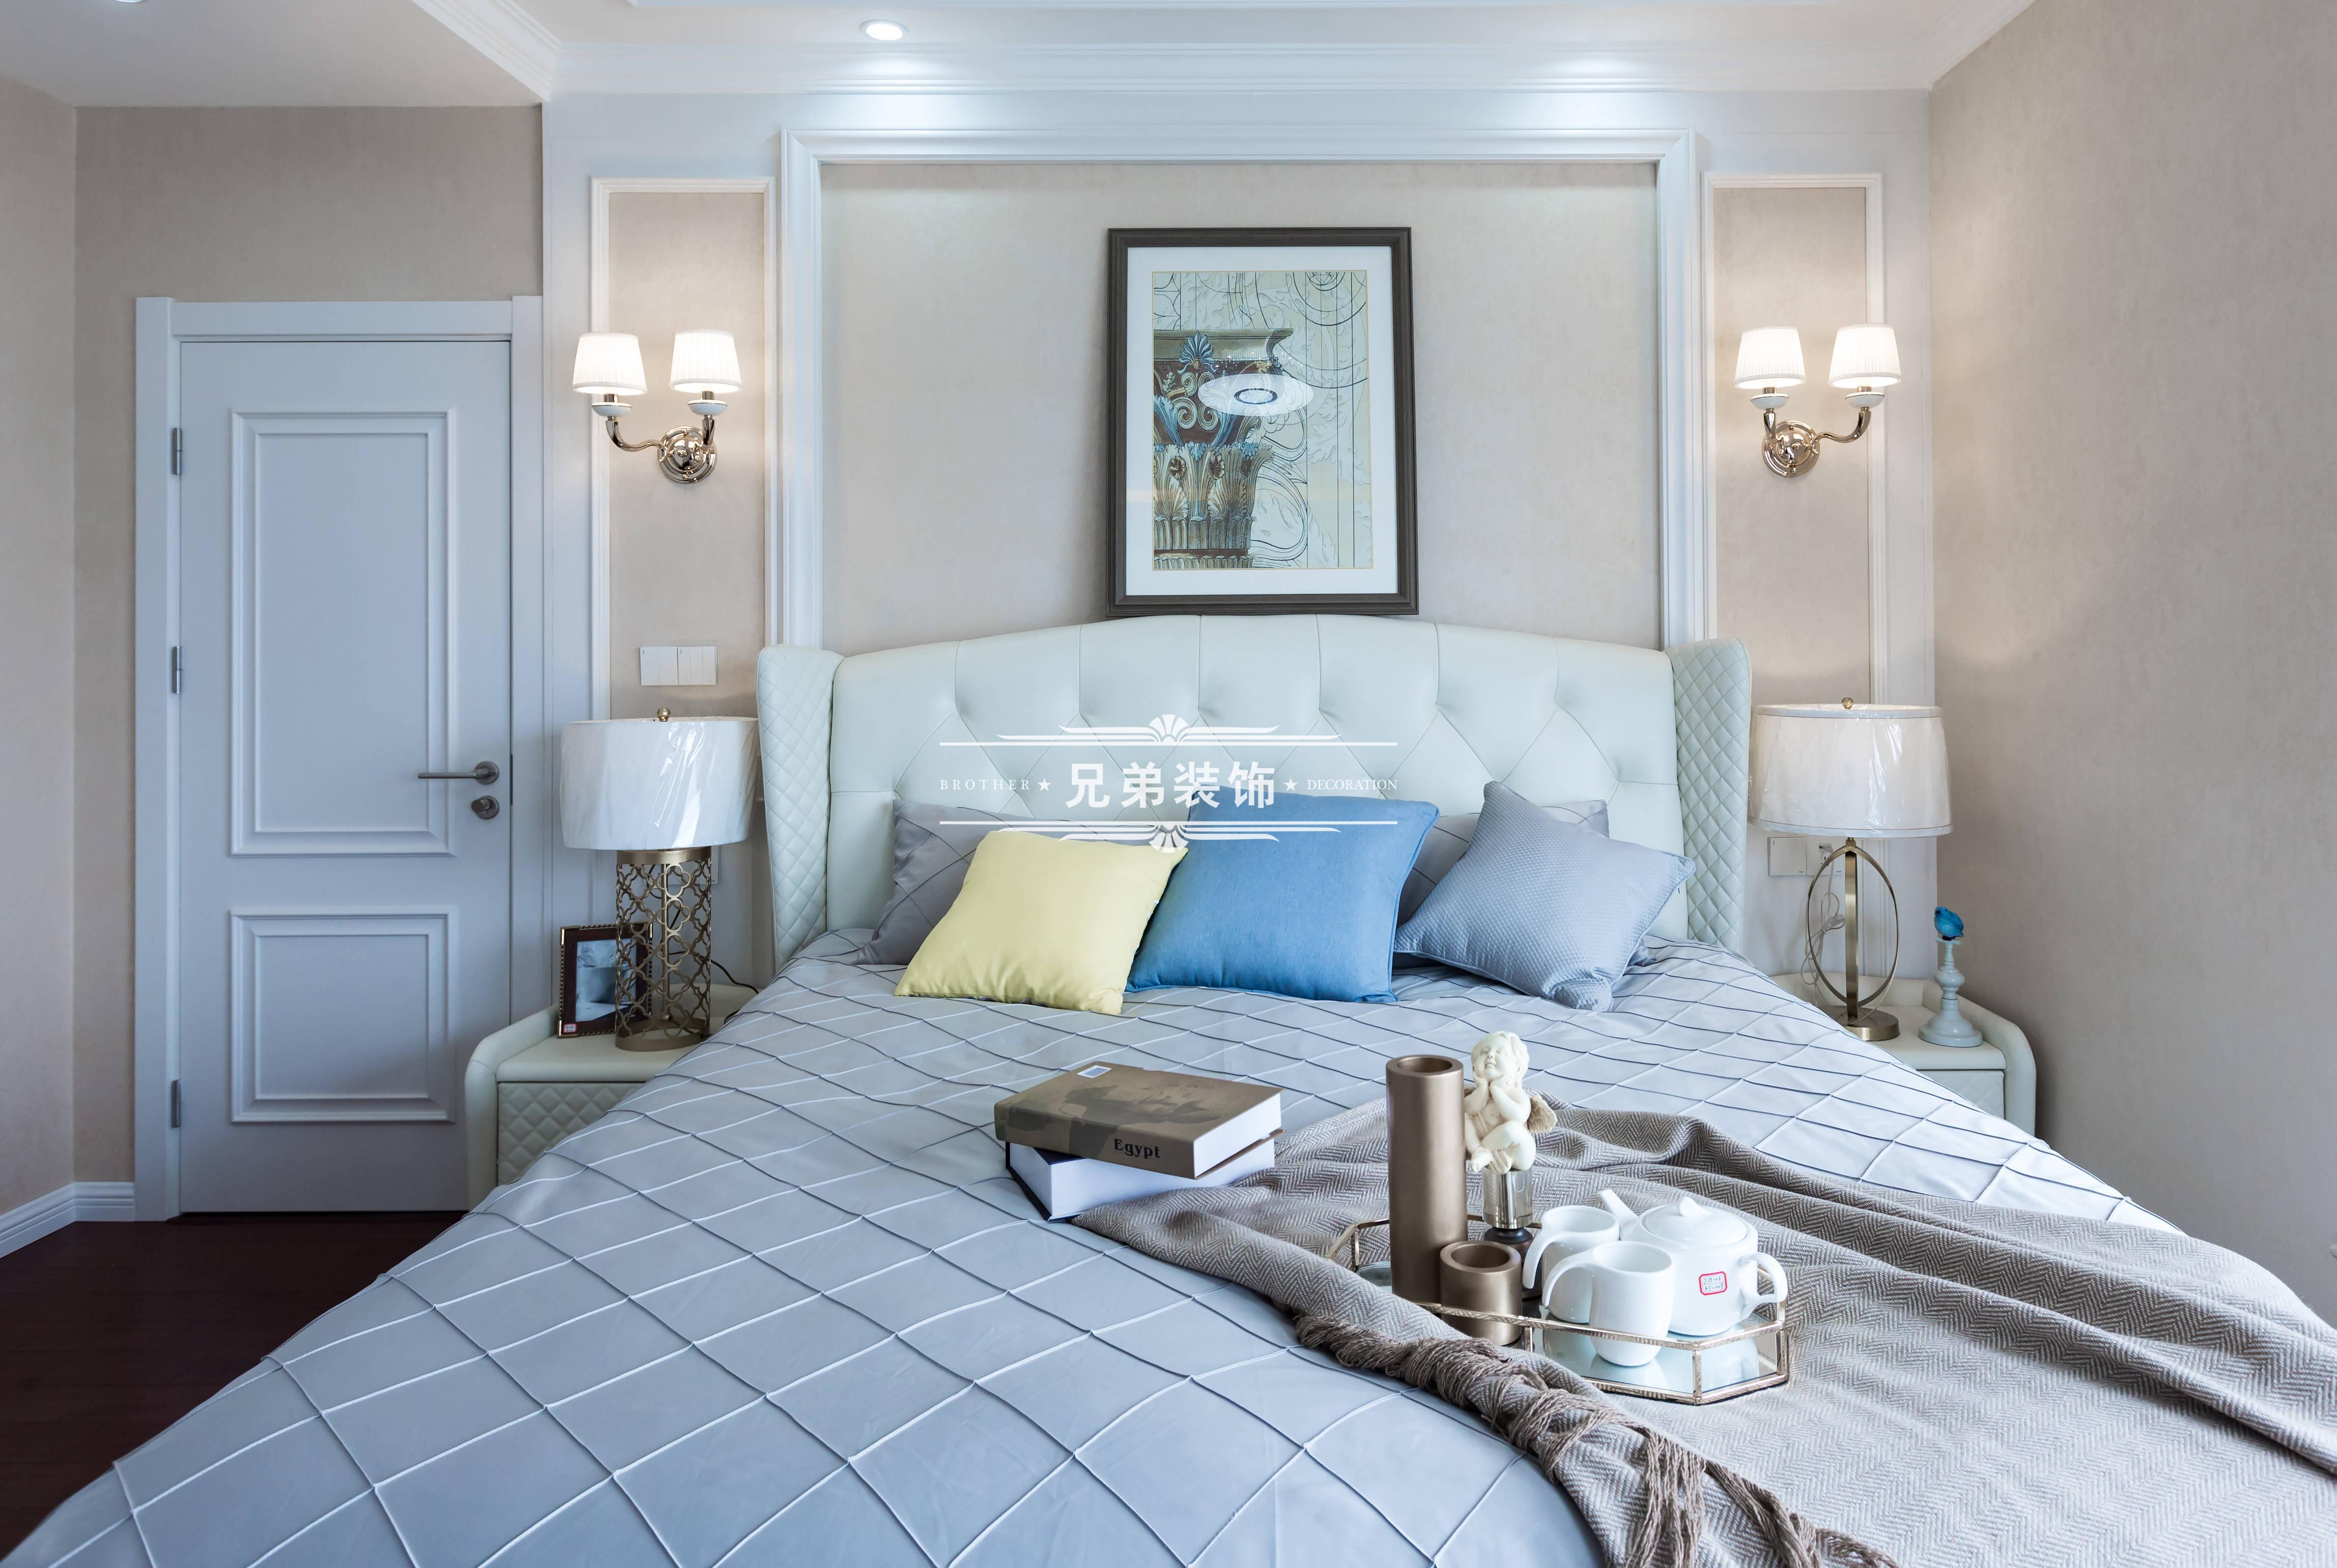 欧式 高层 设计 卧室图片来自重庆兄弟装饰黄妃在金科廊桥水岸全案装饰装修设计的分享